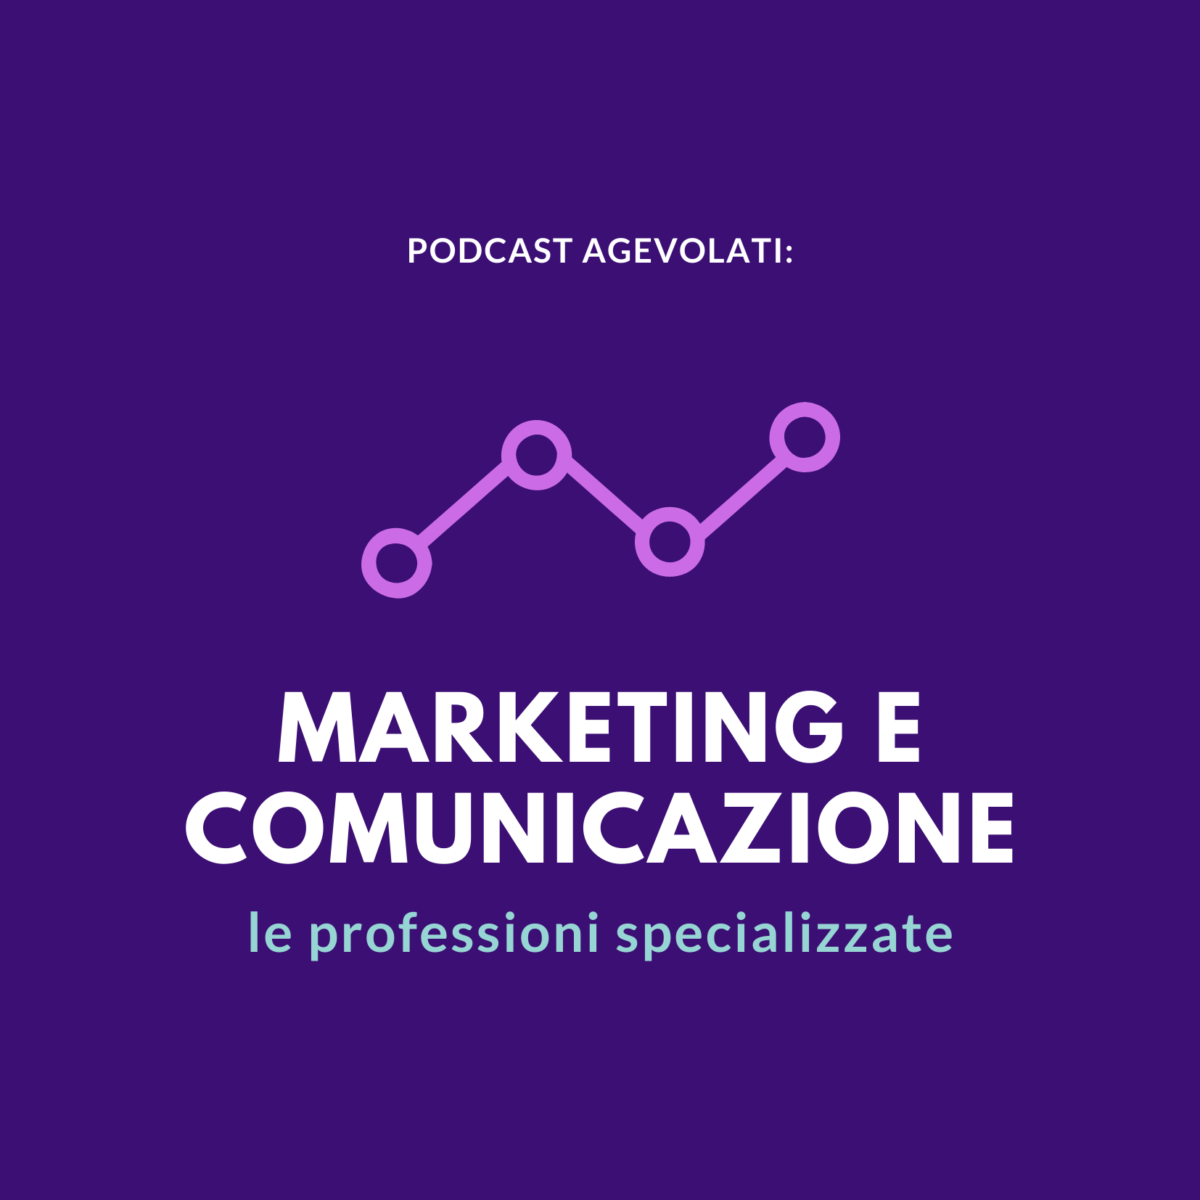 marketing e comunicazione, immagine in evidenza, copertina podcast